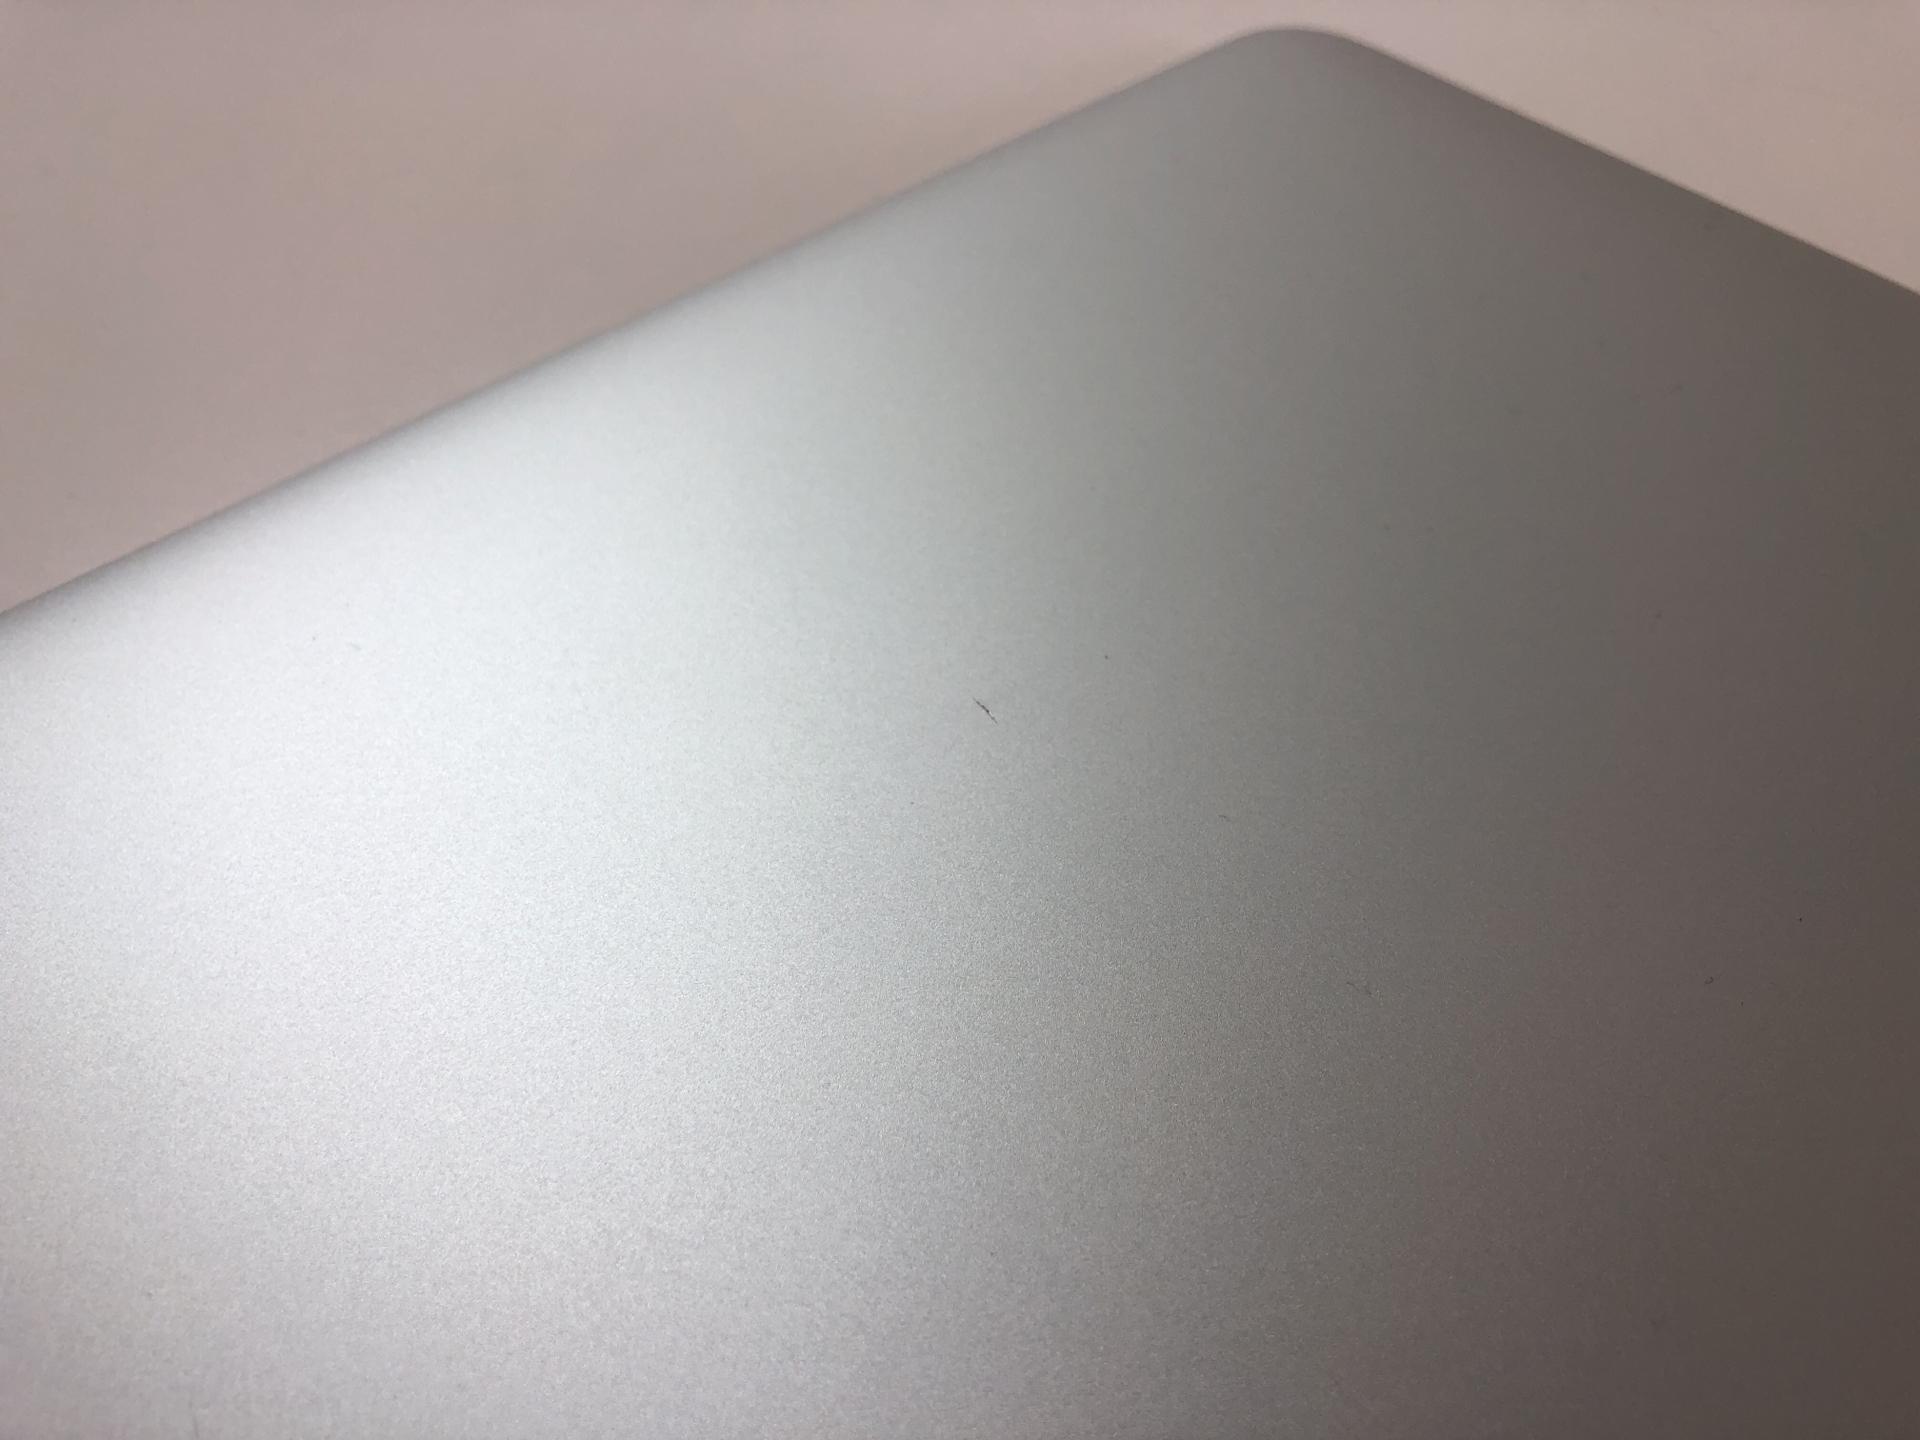 """MacBook Pro Retina 15"""" Mid 2015 (Intel Quad-Core i7 2.8 GHz 16 GB RAM 1 TB SSD), Intel Quad-Core i7 2.8 GHz, 16 GB RAM, 1 TB SSD, image 3"""